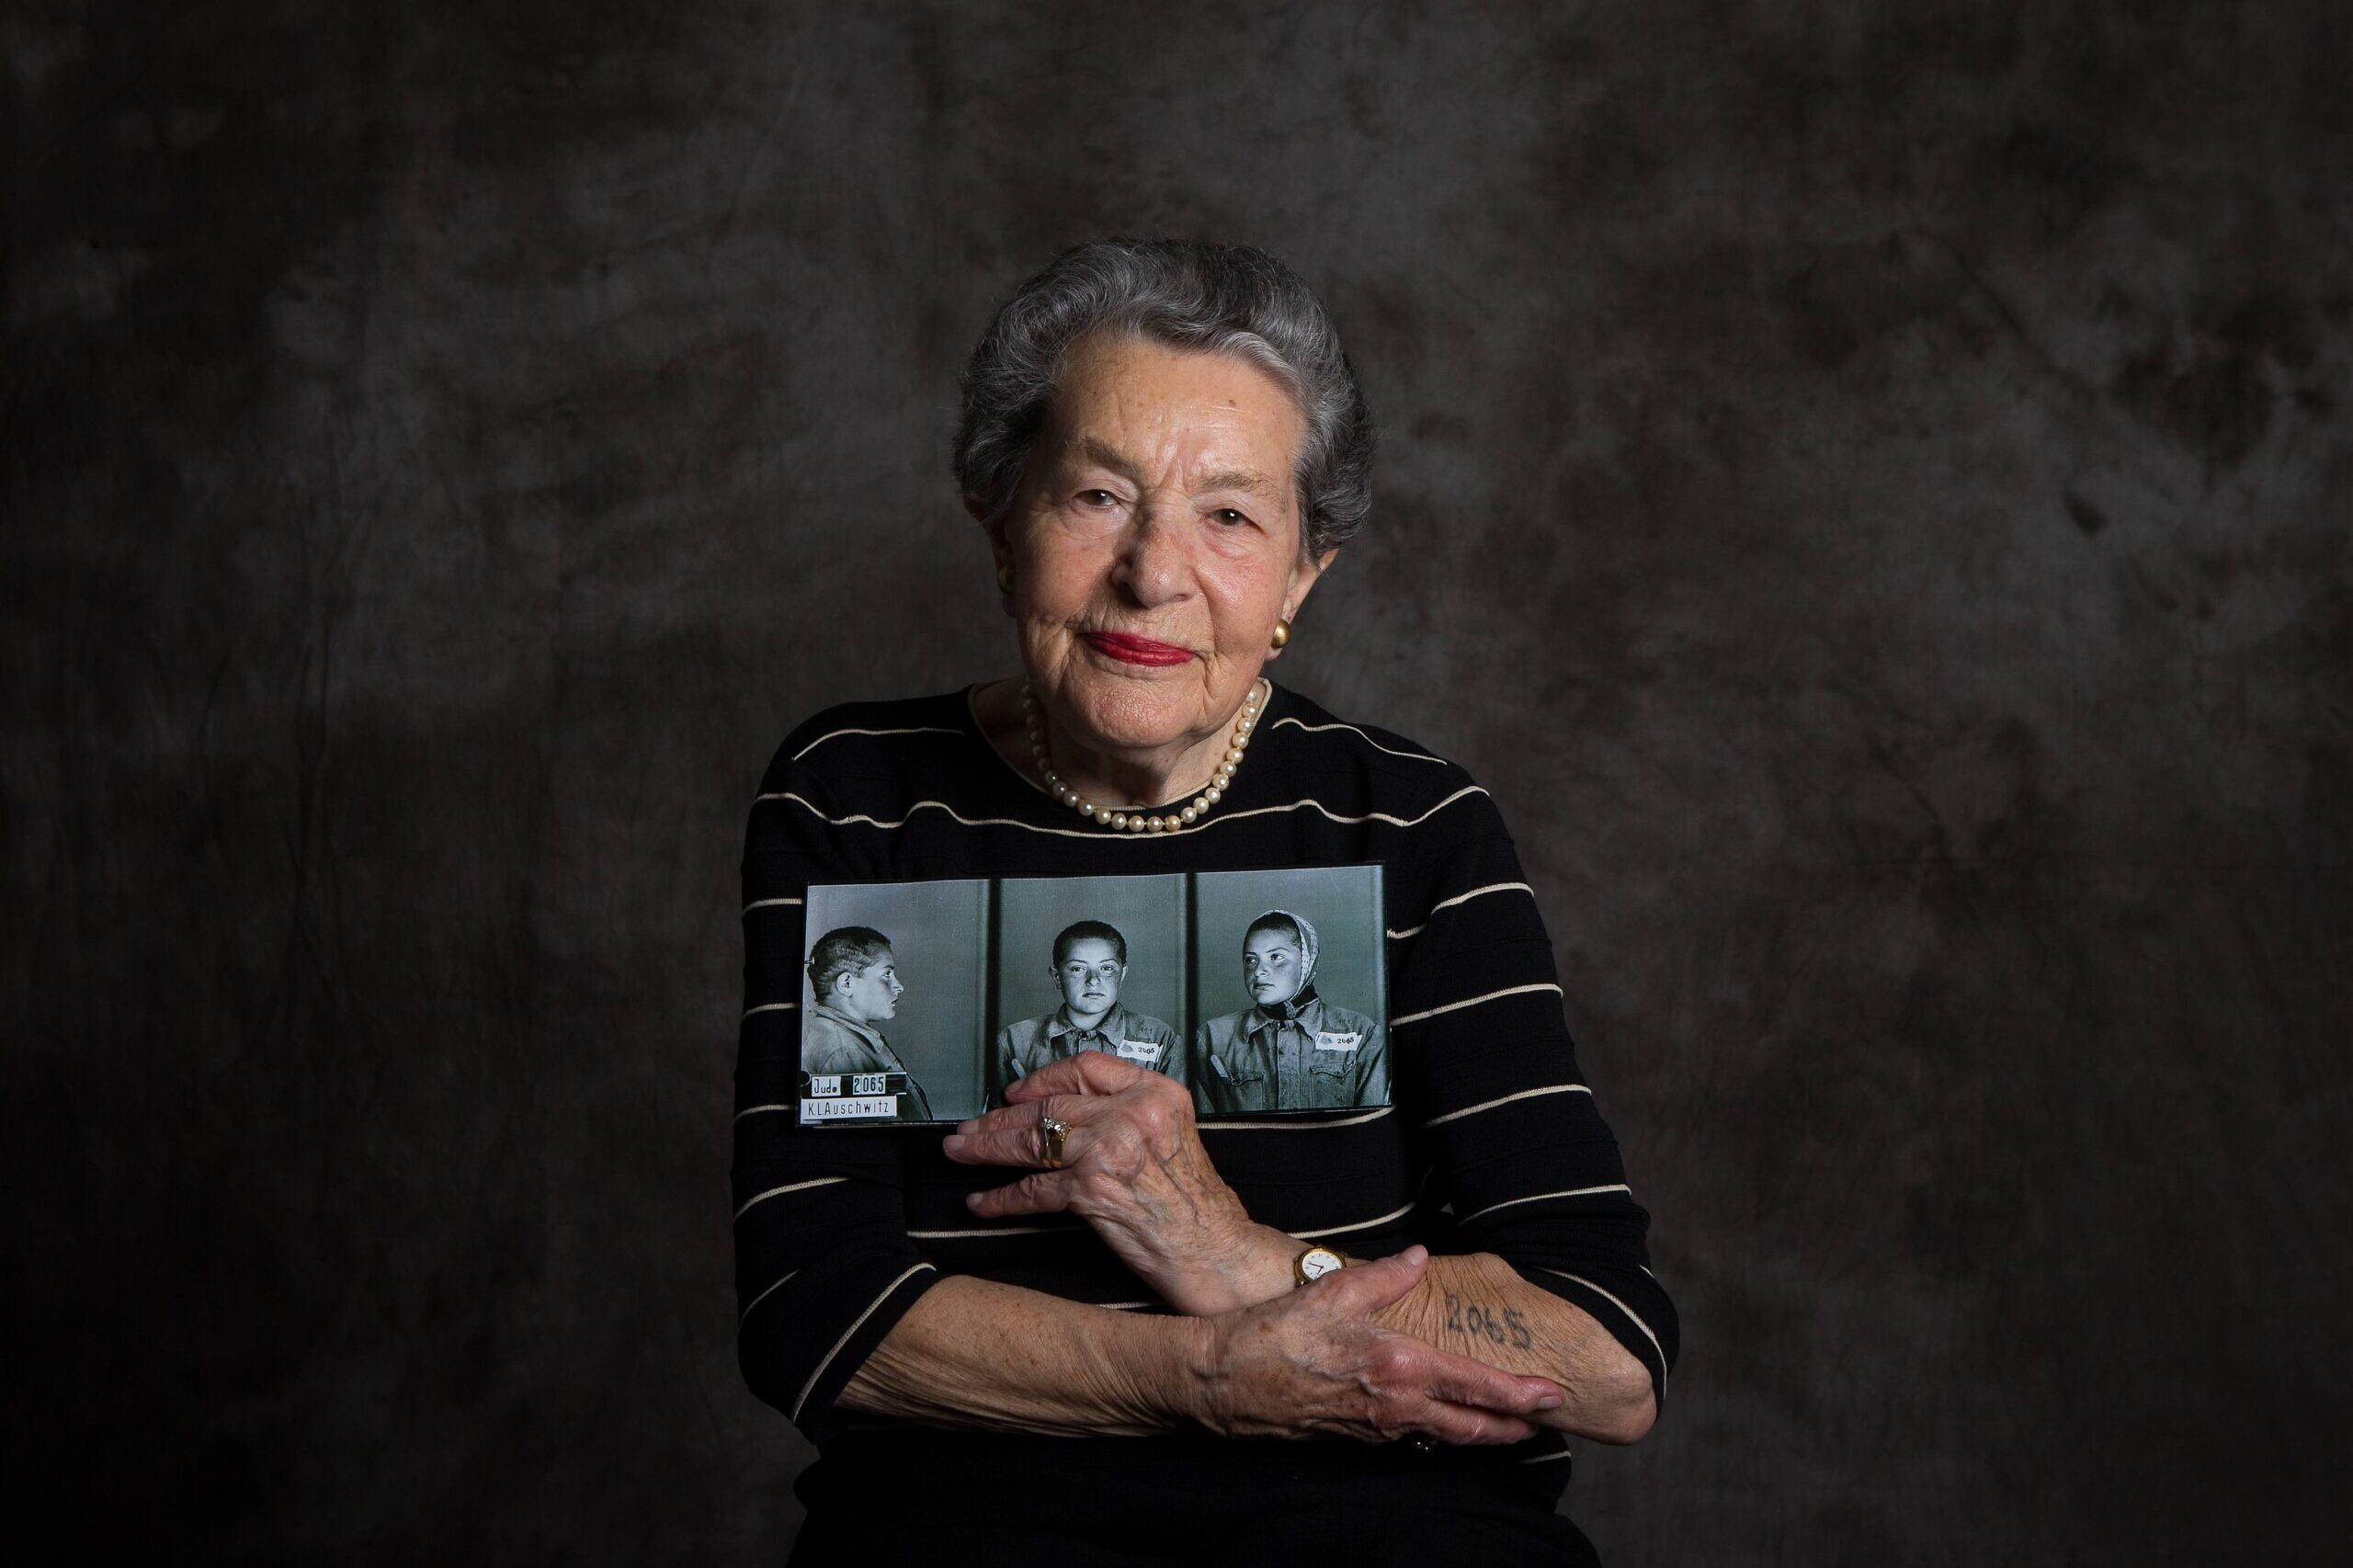 Tributes flow for Shoah survivor Lotte Weiss